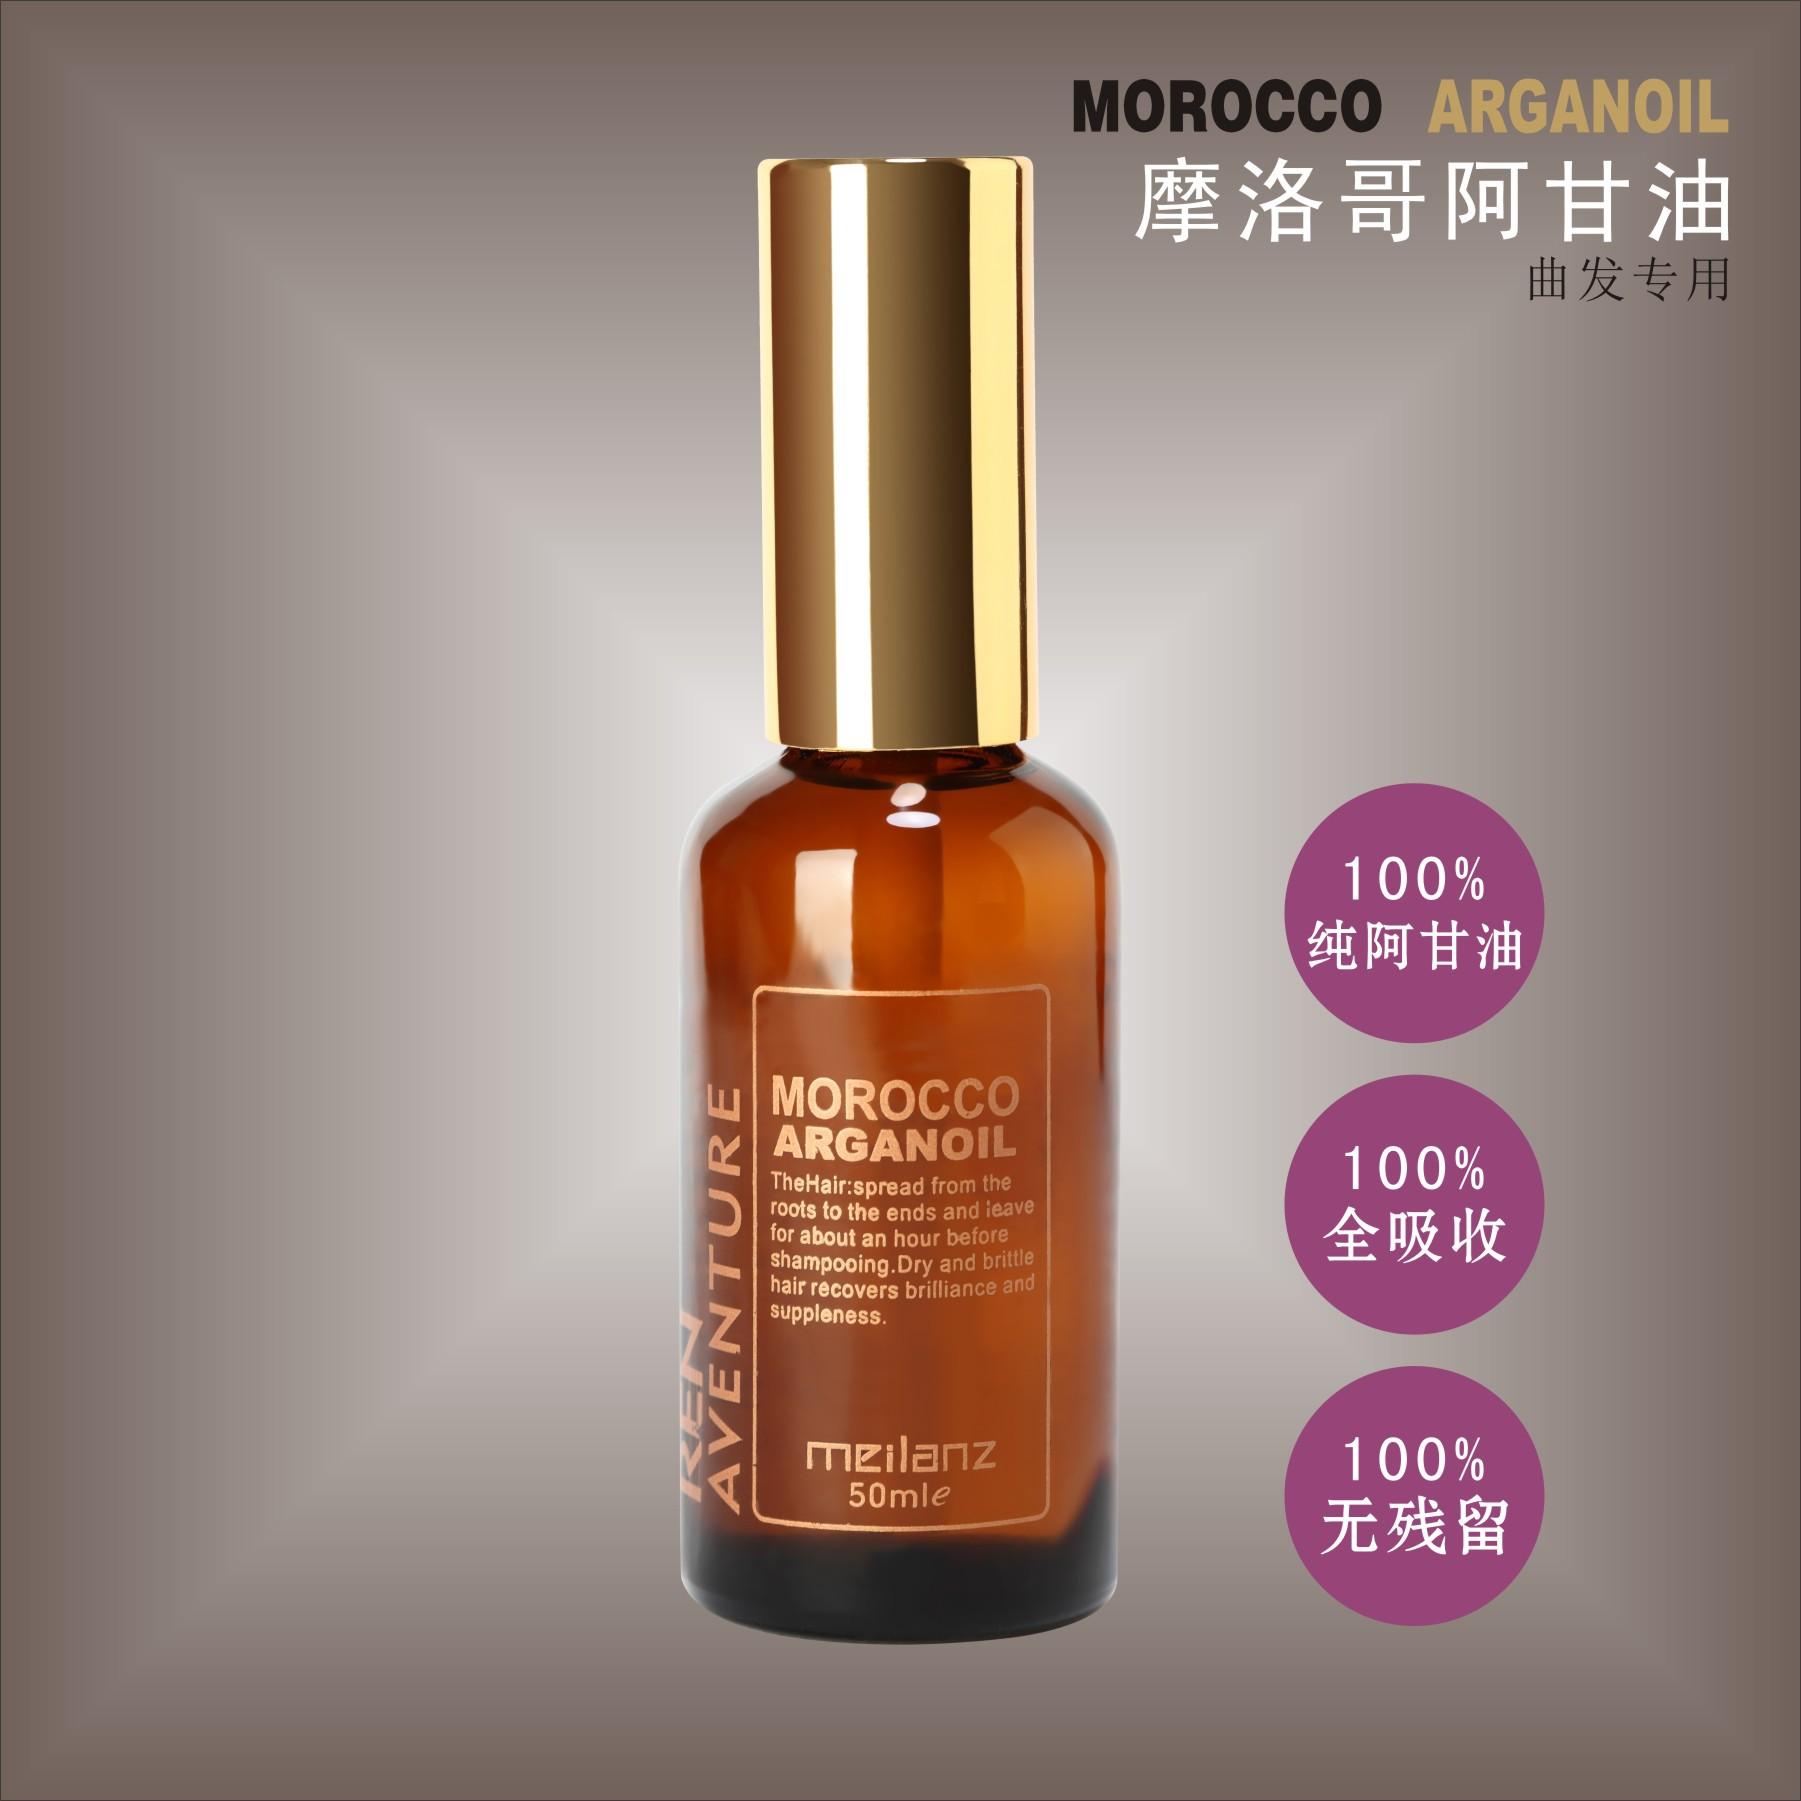 摩洛哥阿甘油 100%純度修護 韓國正品又叫摩洛哥堅果油或發油頭油_發油_微商圈